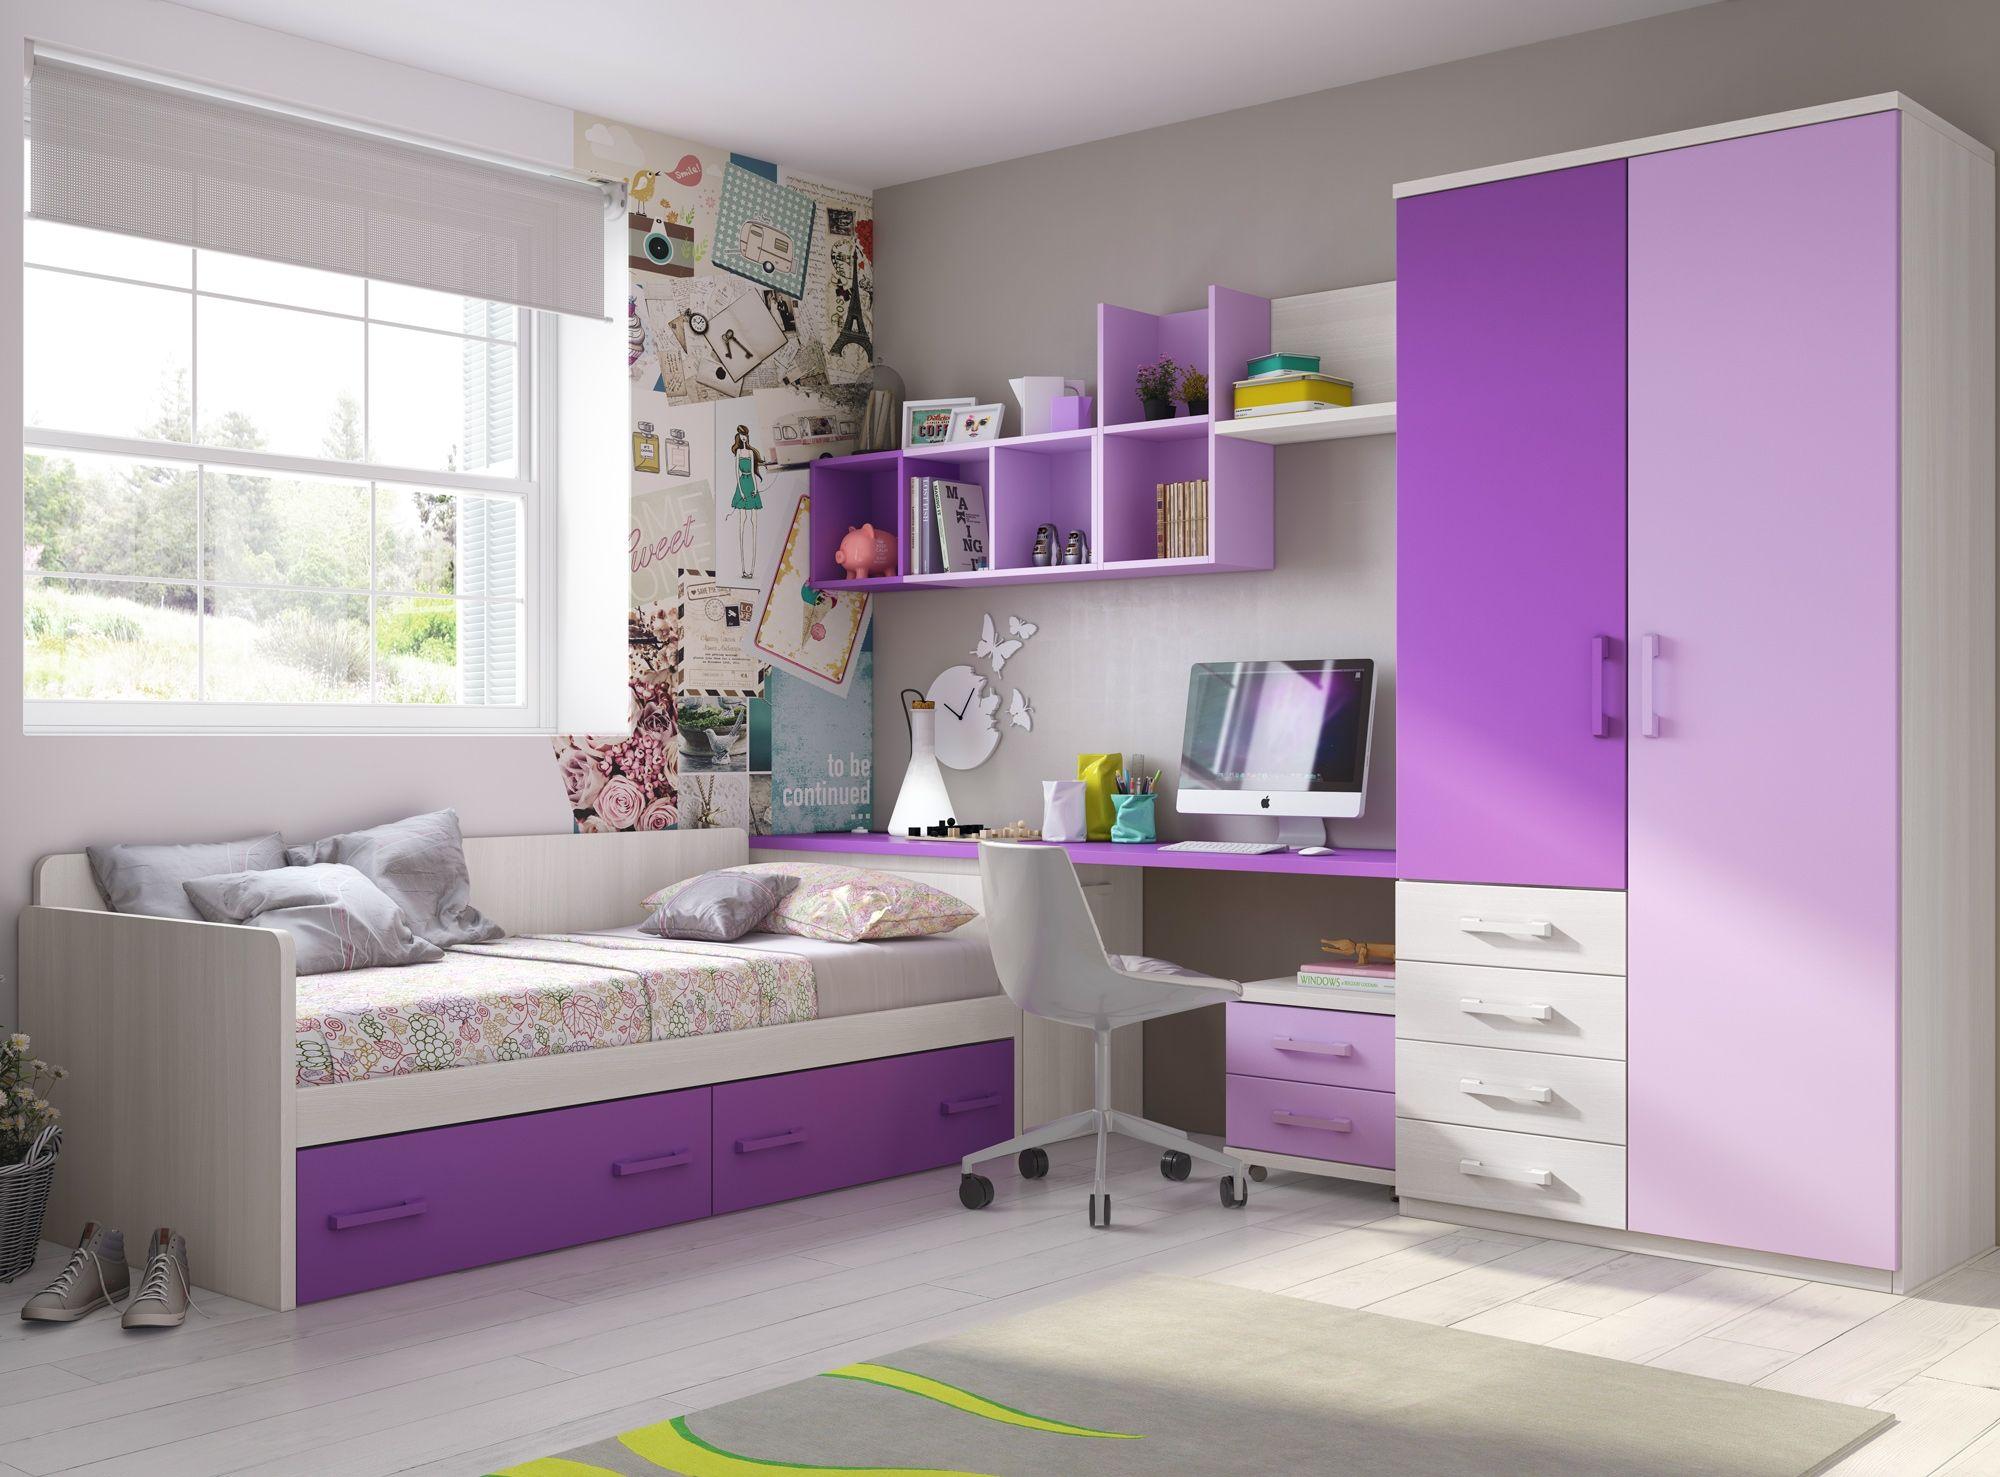 Résultats de recherche d images pour « une chambre de fille